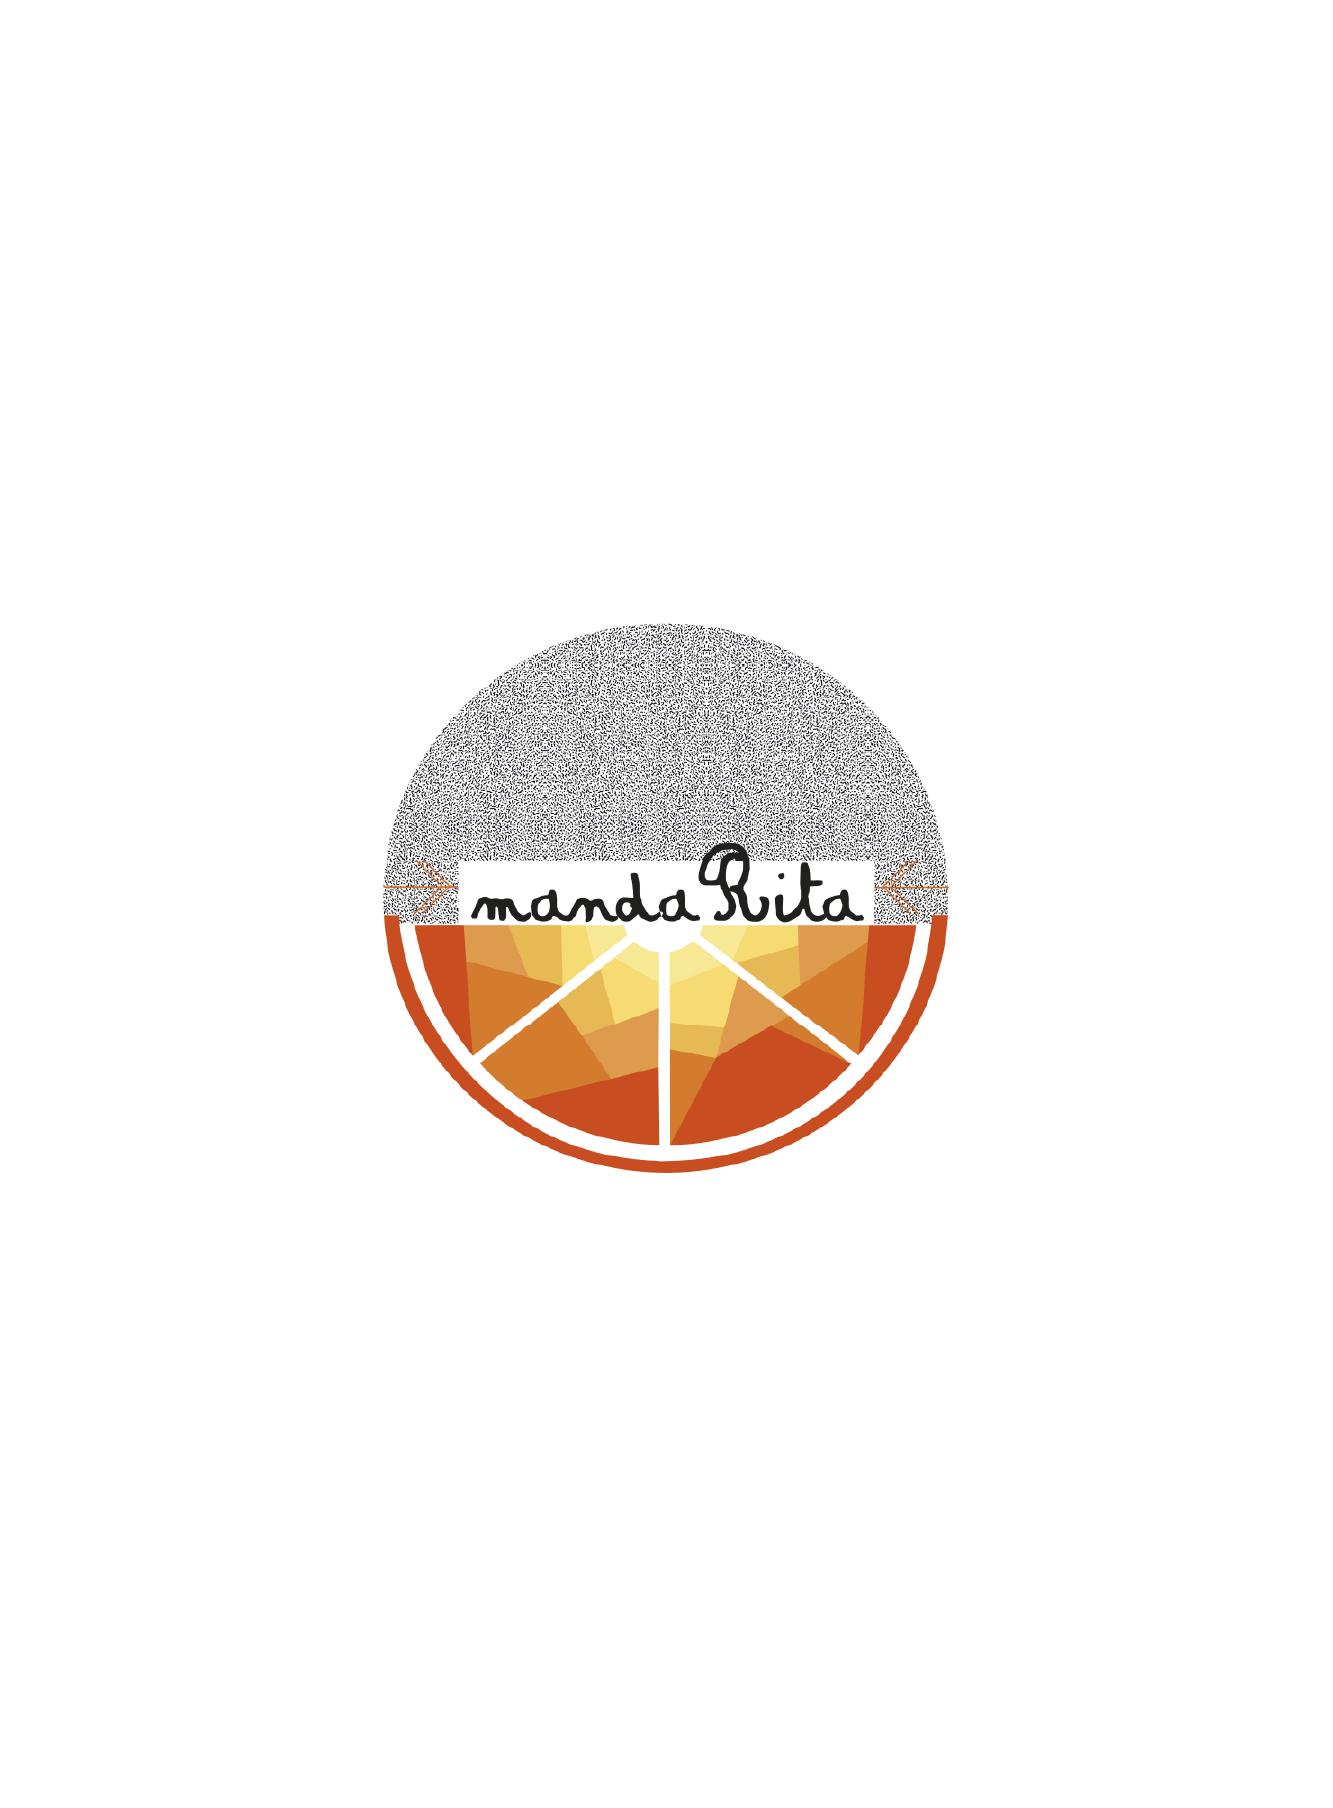 mandarita_perfil